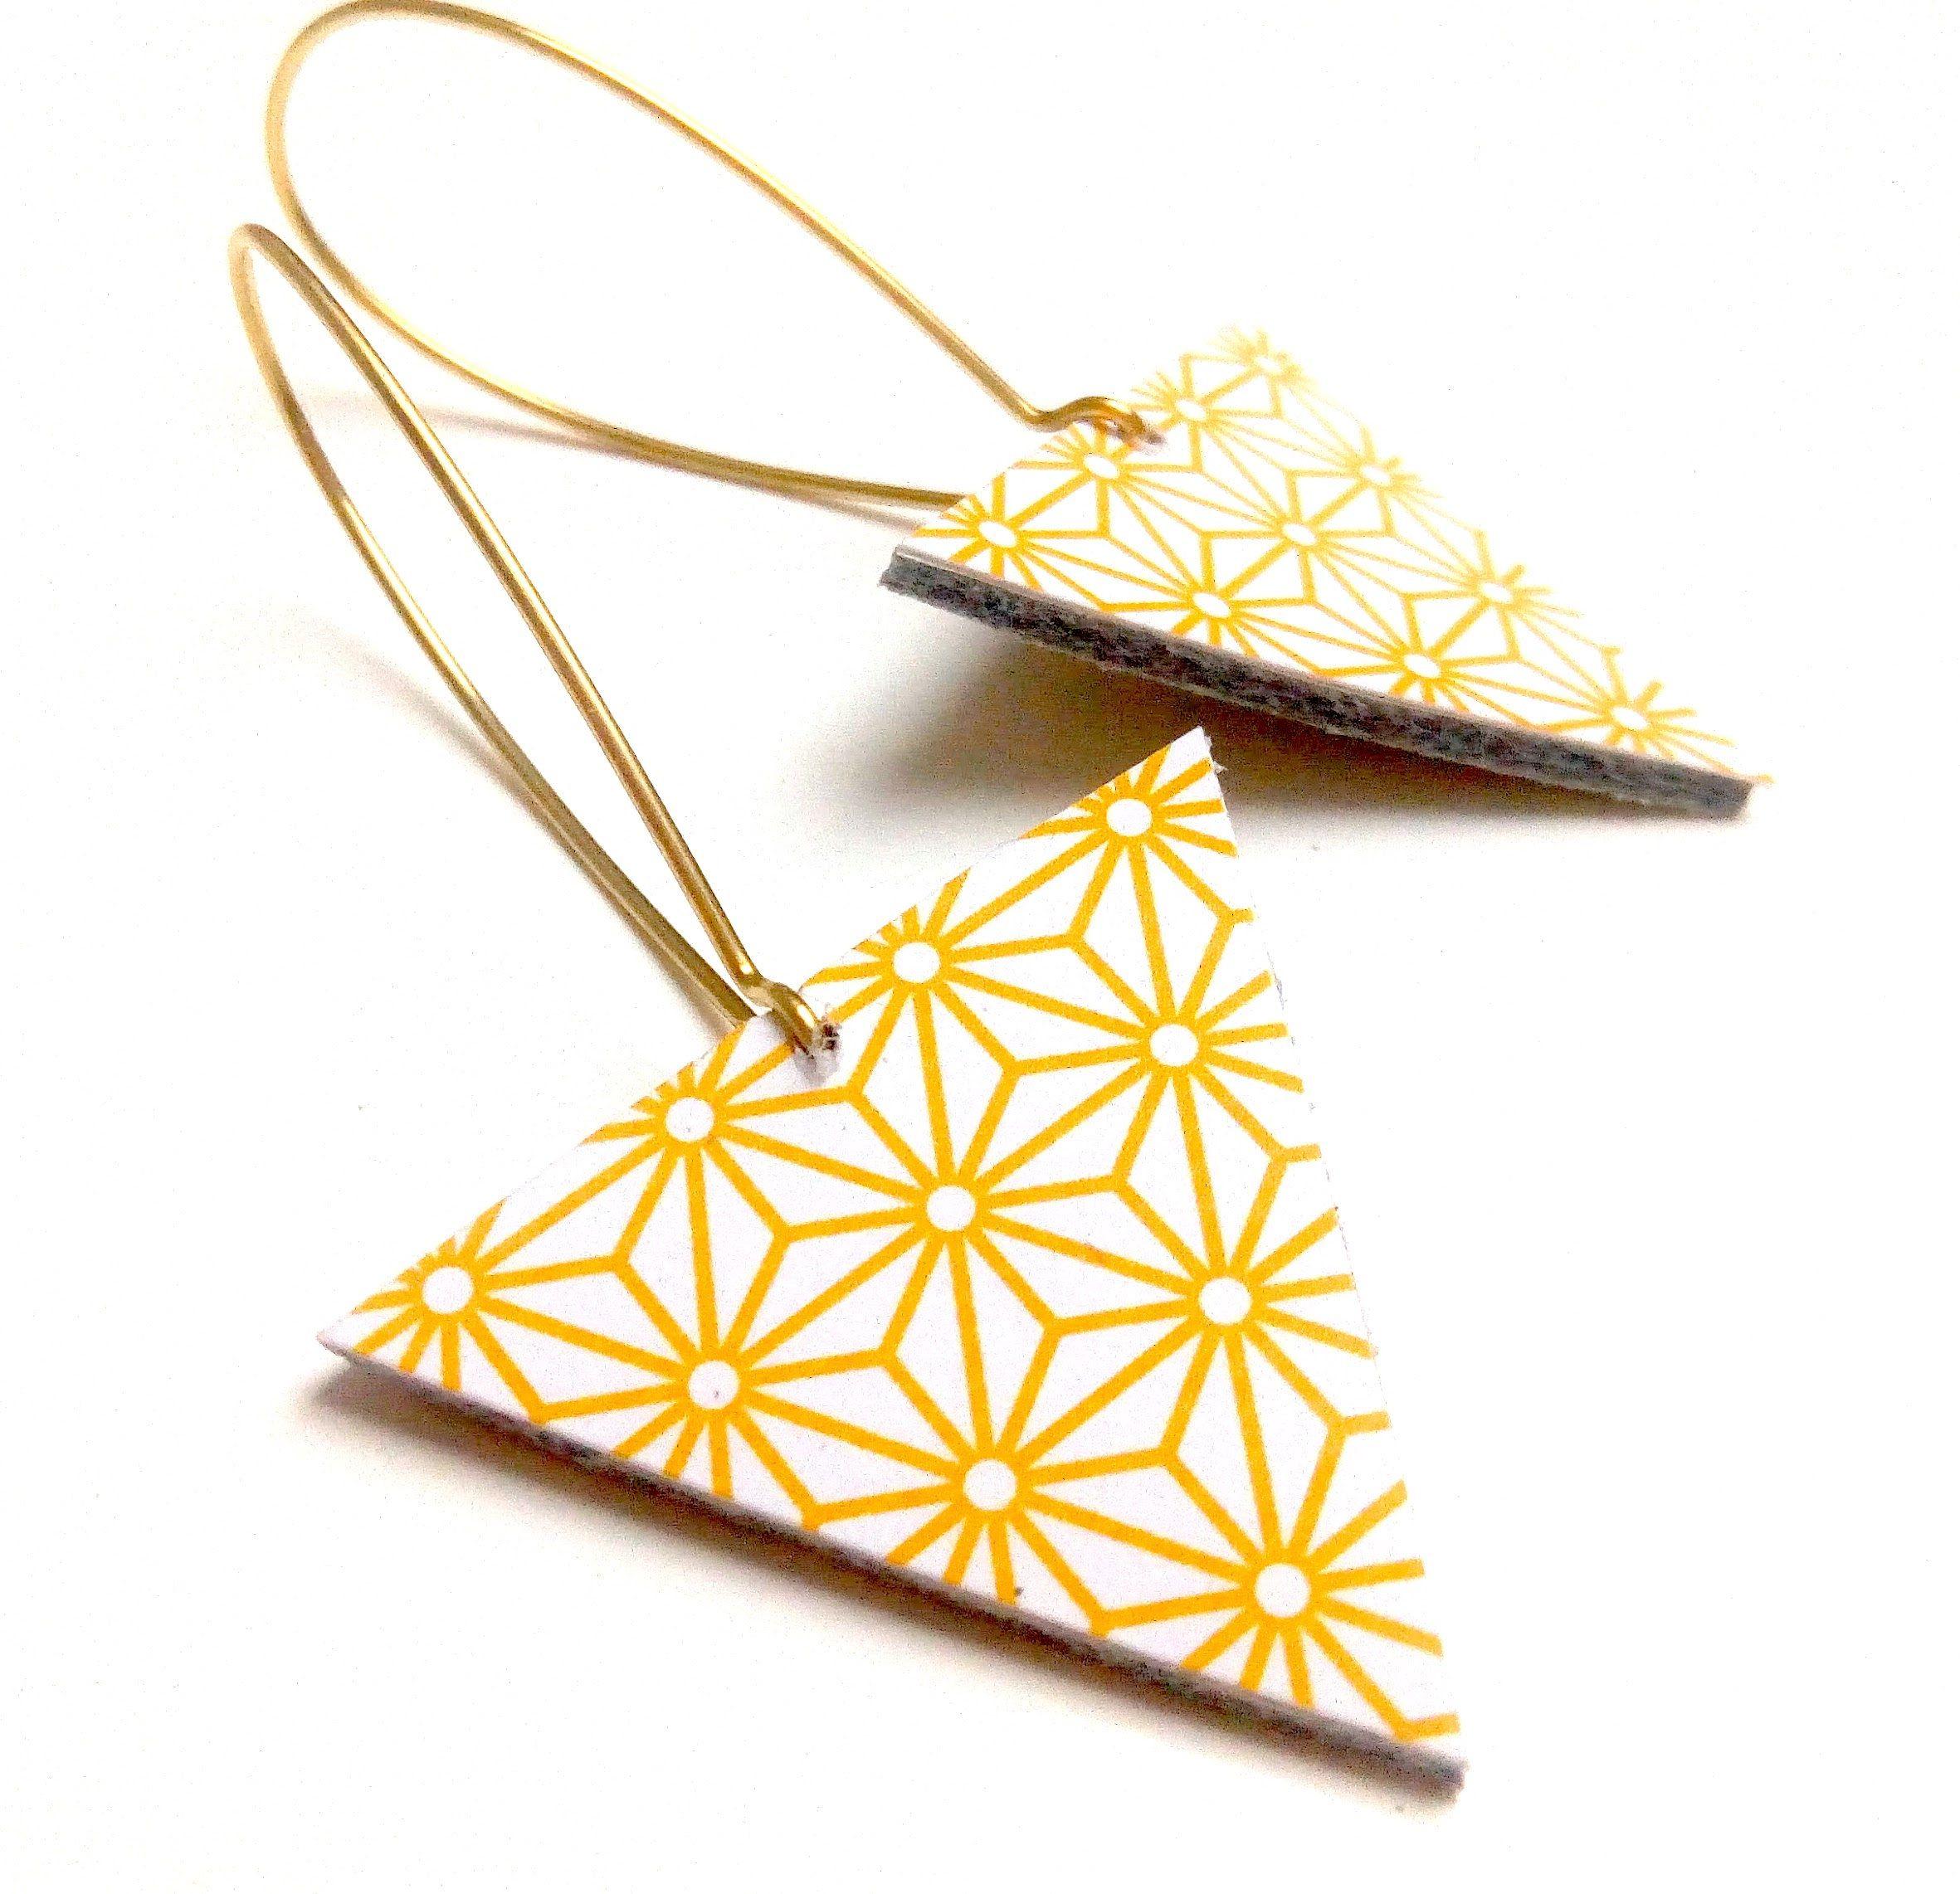 BO cuir illustré asanoha motif japonais